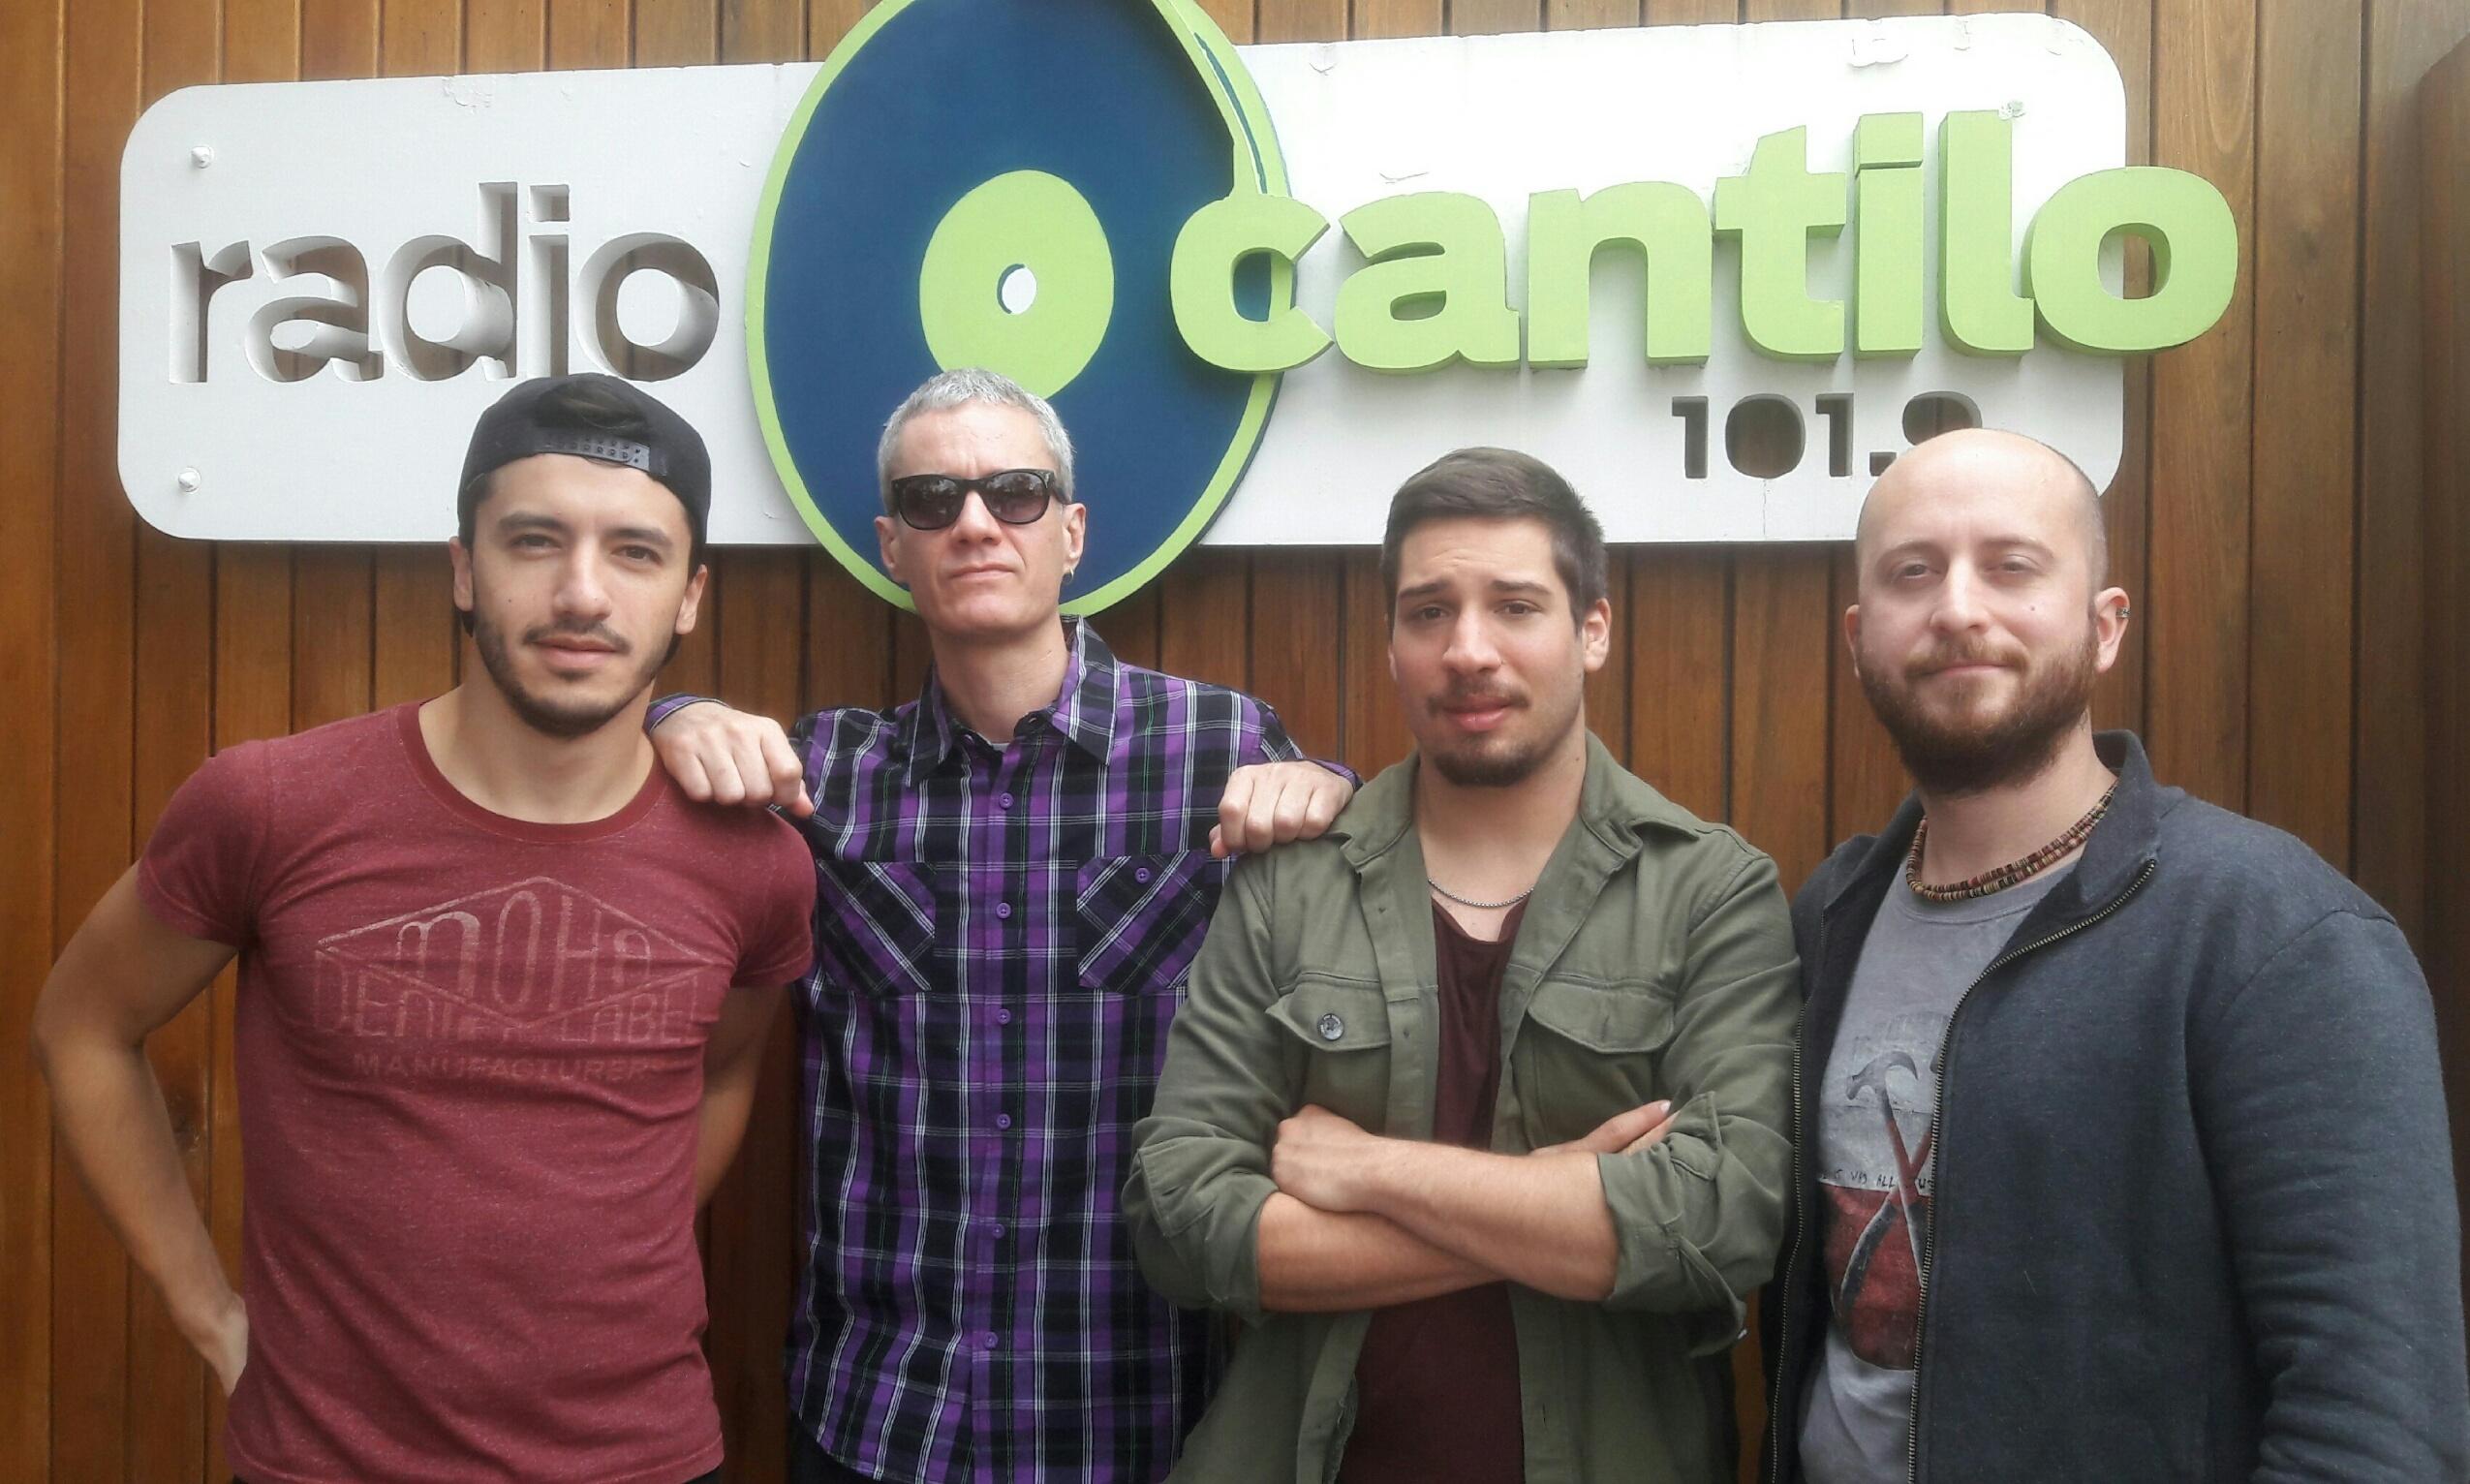 LLEGA ANESTESIA, Y LOS CHICOS DE PECES RAROS NO VAN A PARAR - Radio Cantilo